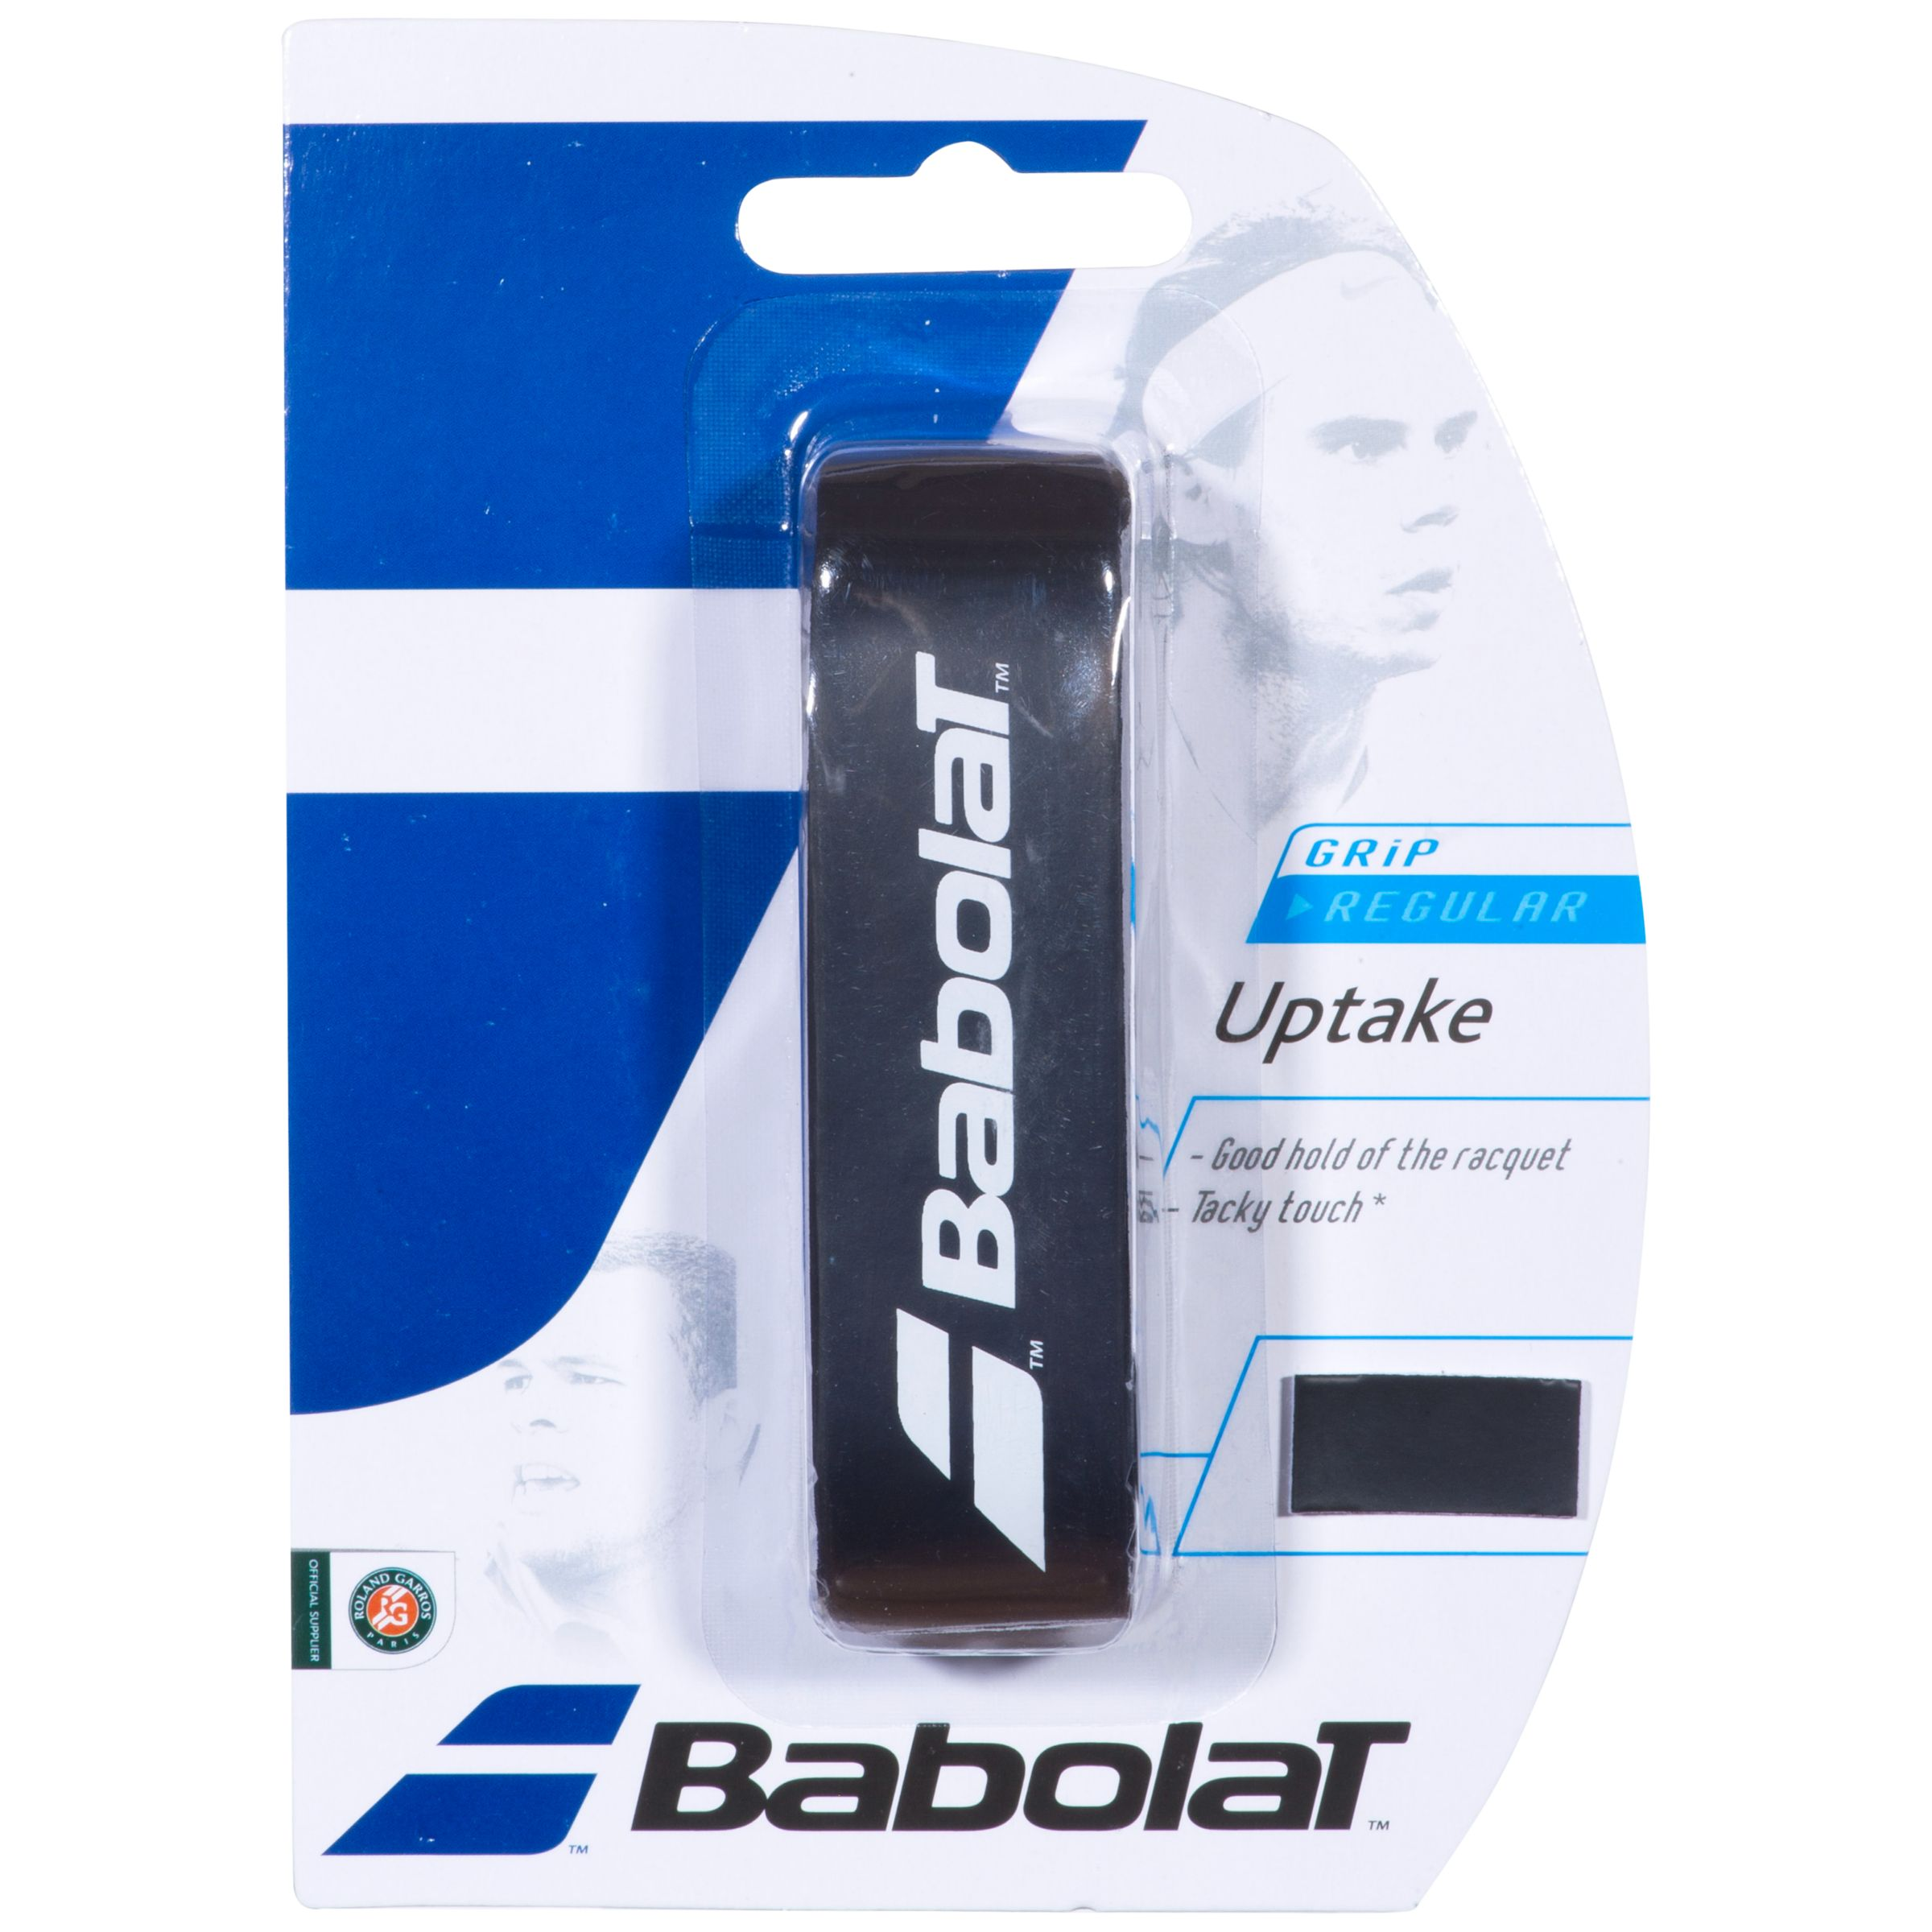 Babolat Babolat Uptake Regular Grip, Black